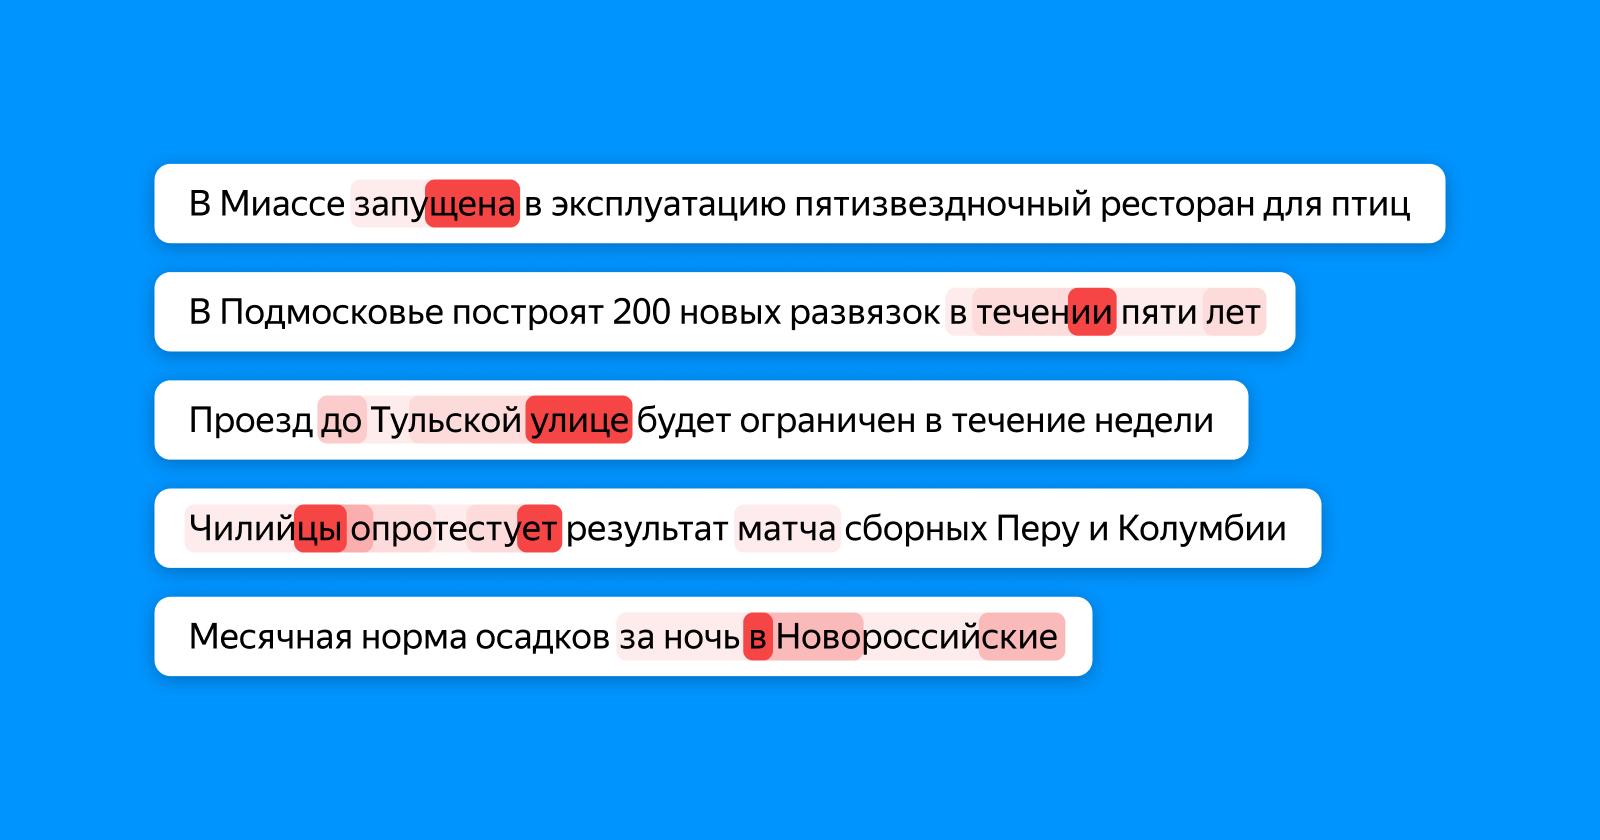 Как Яндекс научил искусственный интеллект находить ошибки в новостях - 1